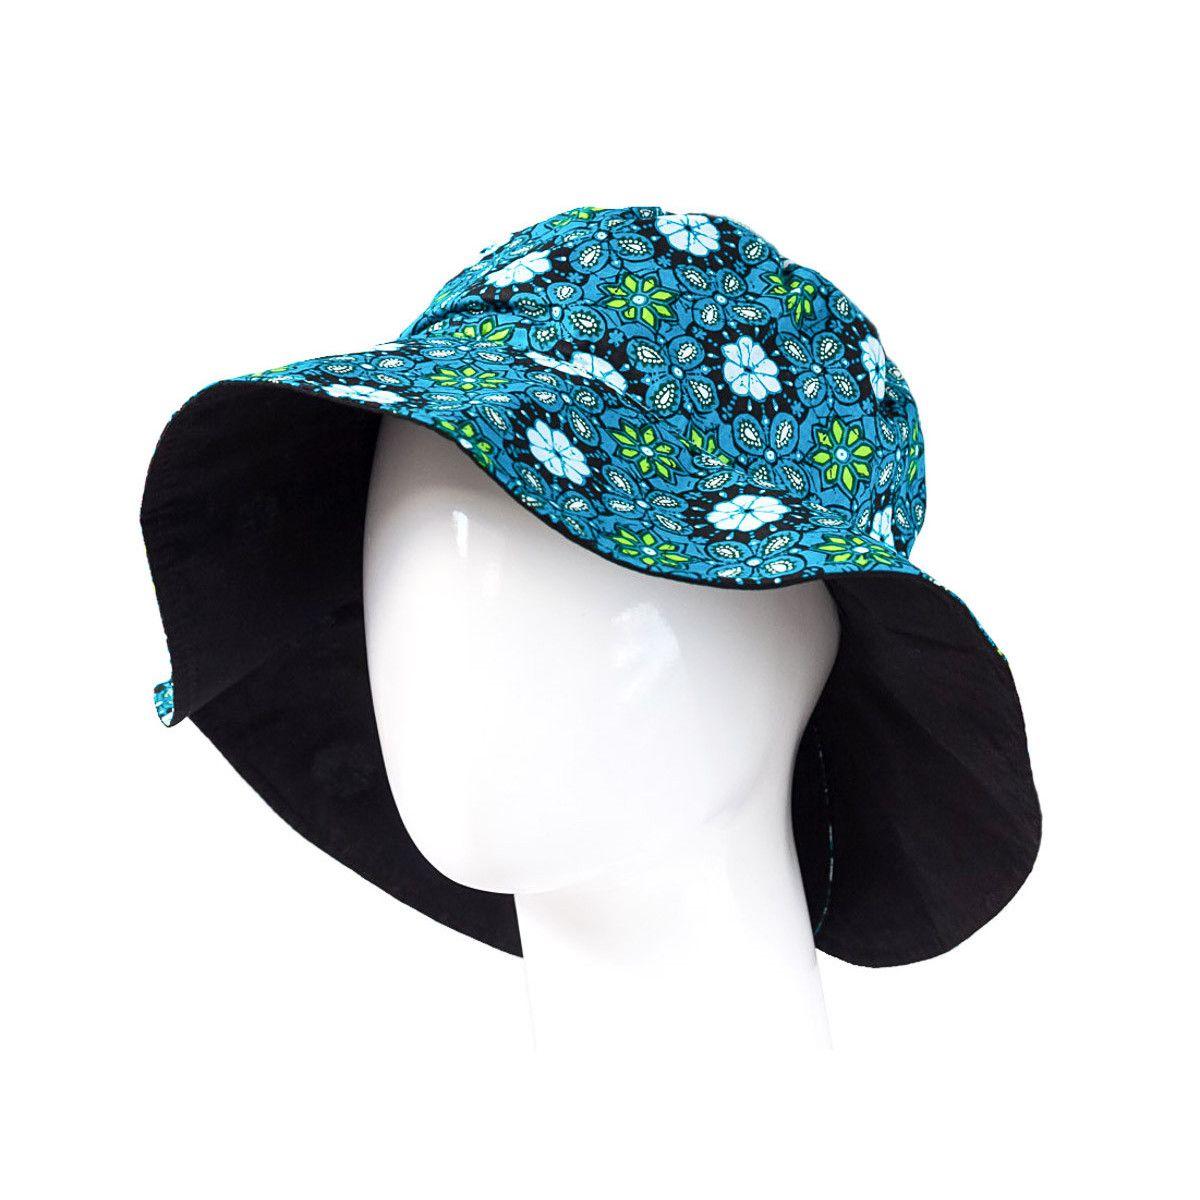 Chapeau capeline coton adulte réversible noir et bleu à motifs